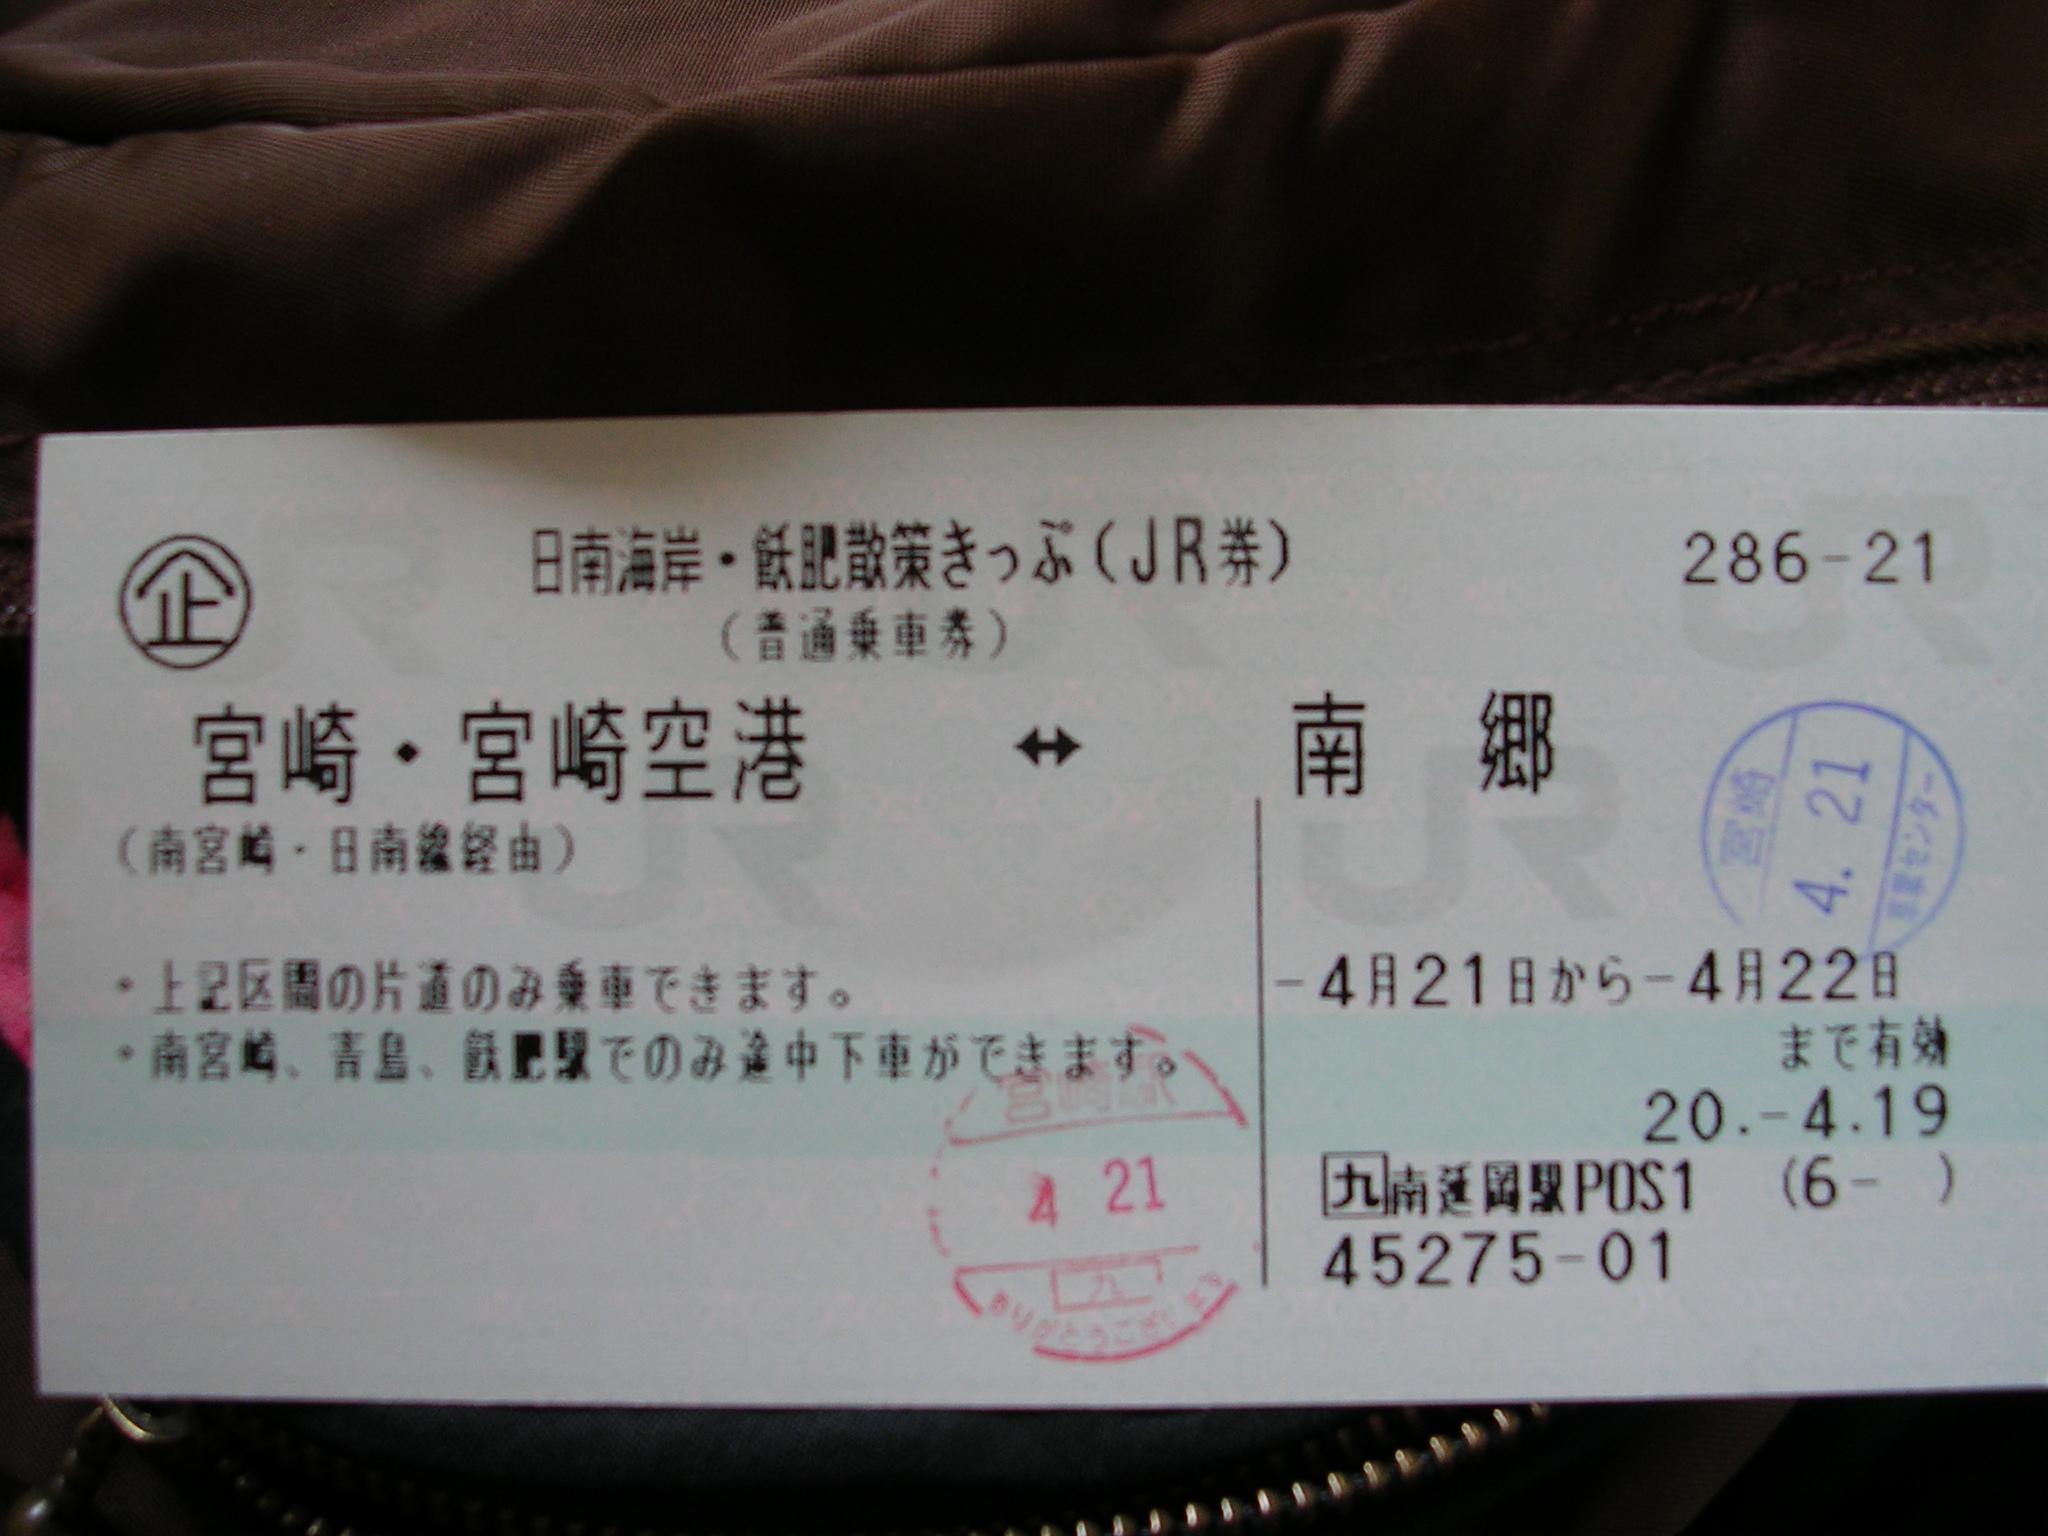 DSCN5225.JPG